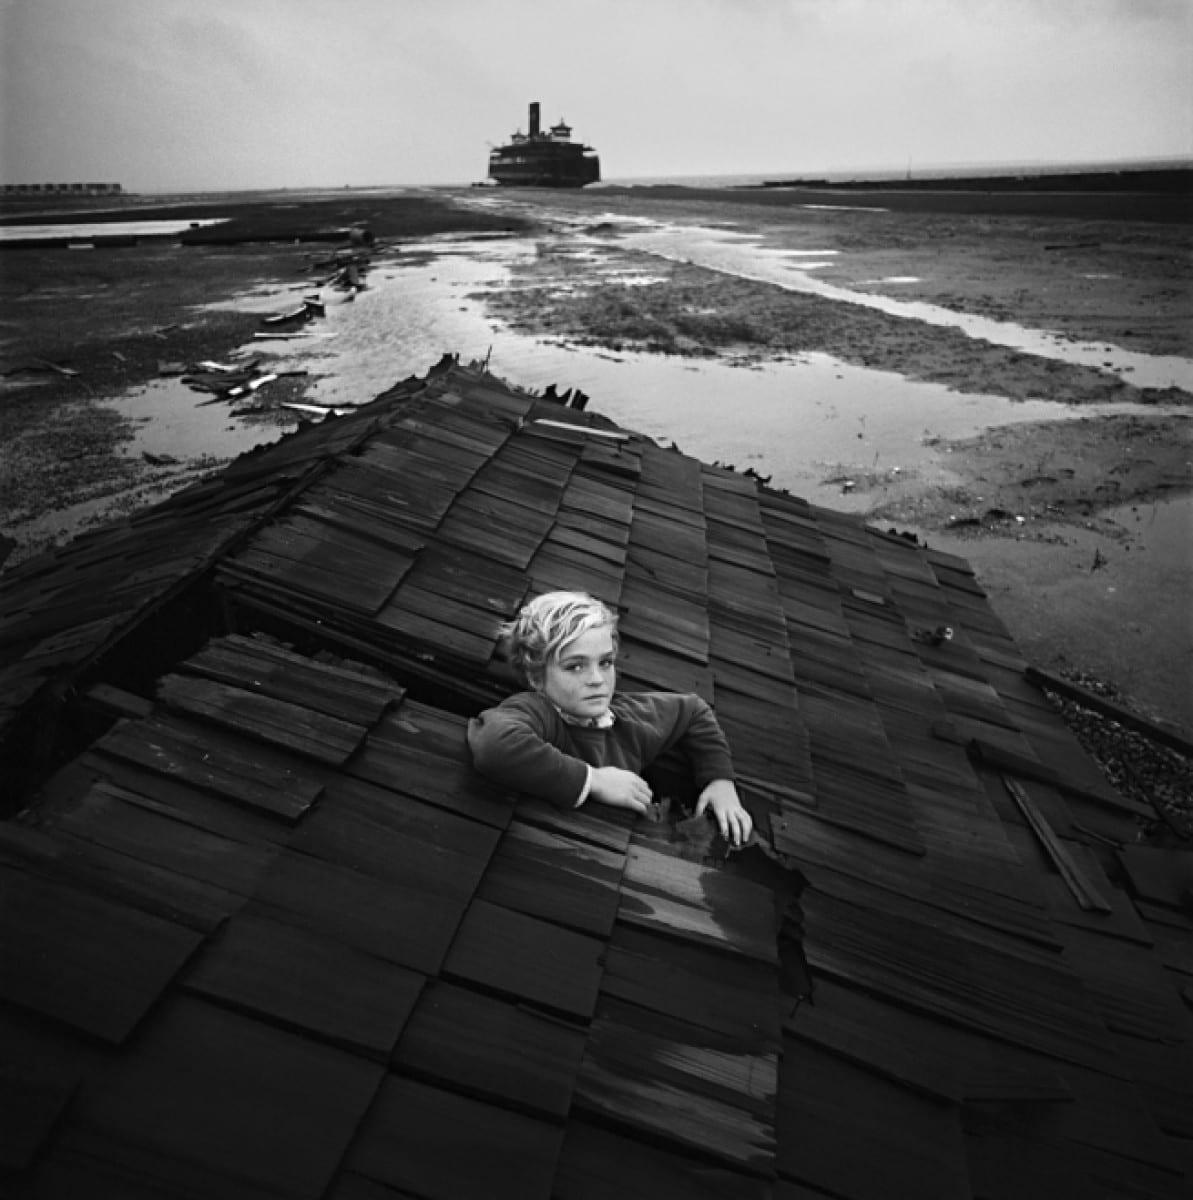 淹没梦中的男孩,新泽西州大洋城,1972年©Arthur Tress Photography